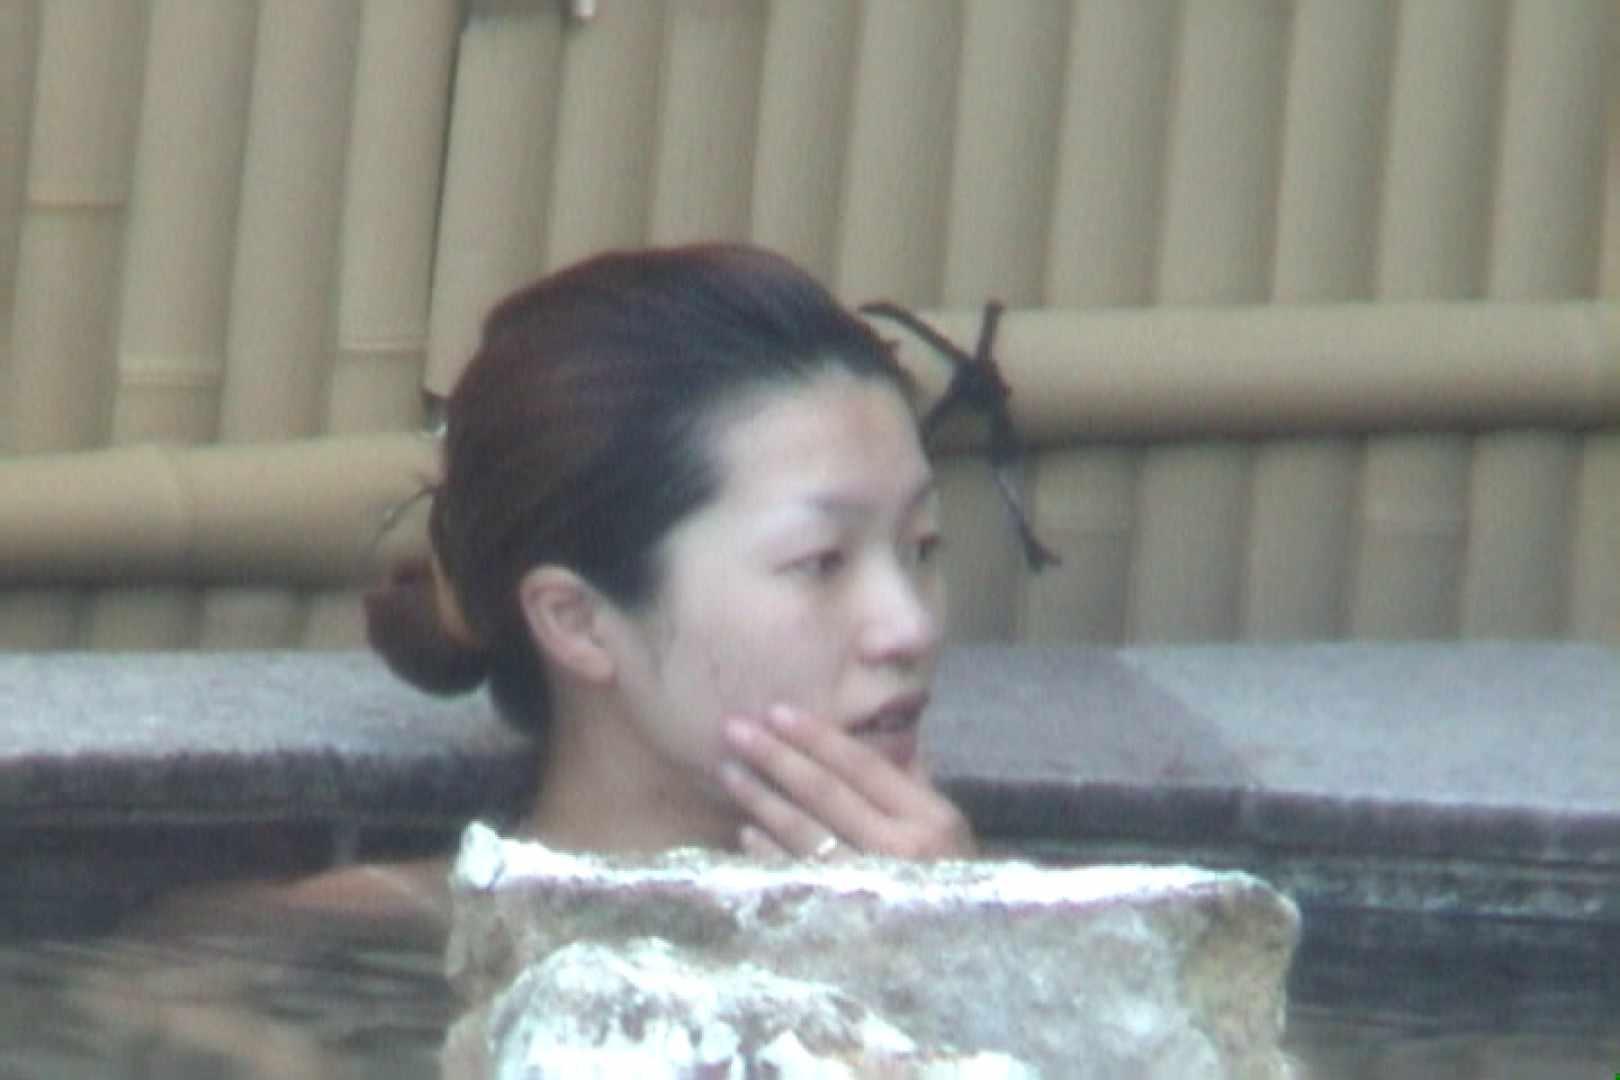 Aquaな露天風呂Vol.571 盗撮 | 露天  81連発 25